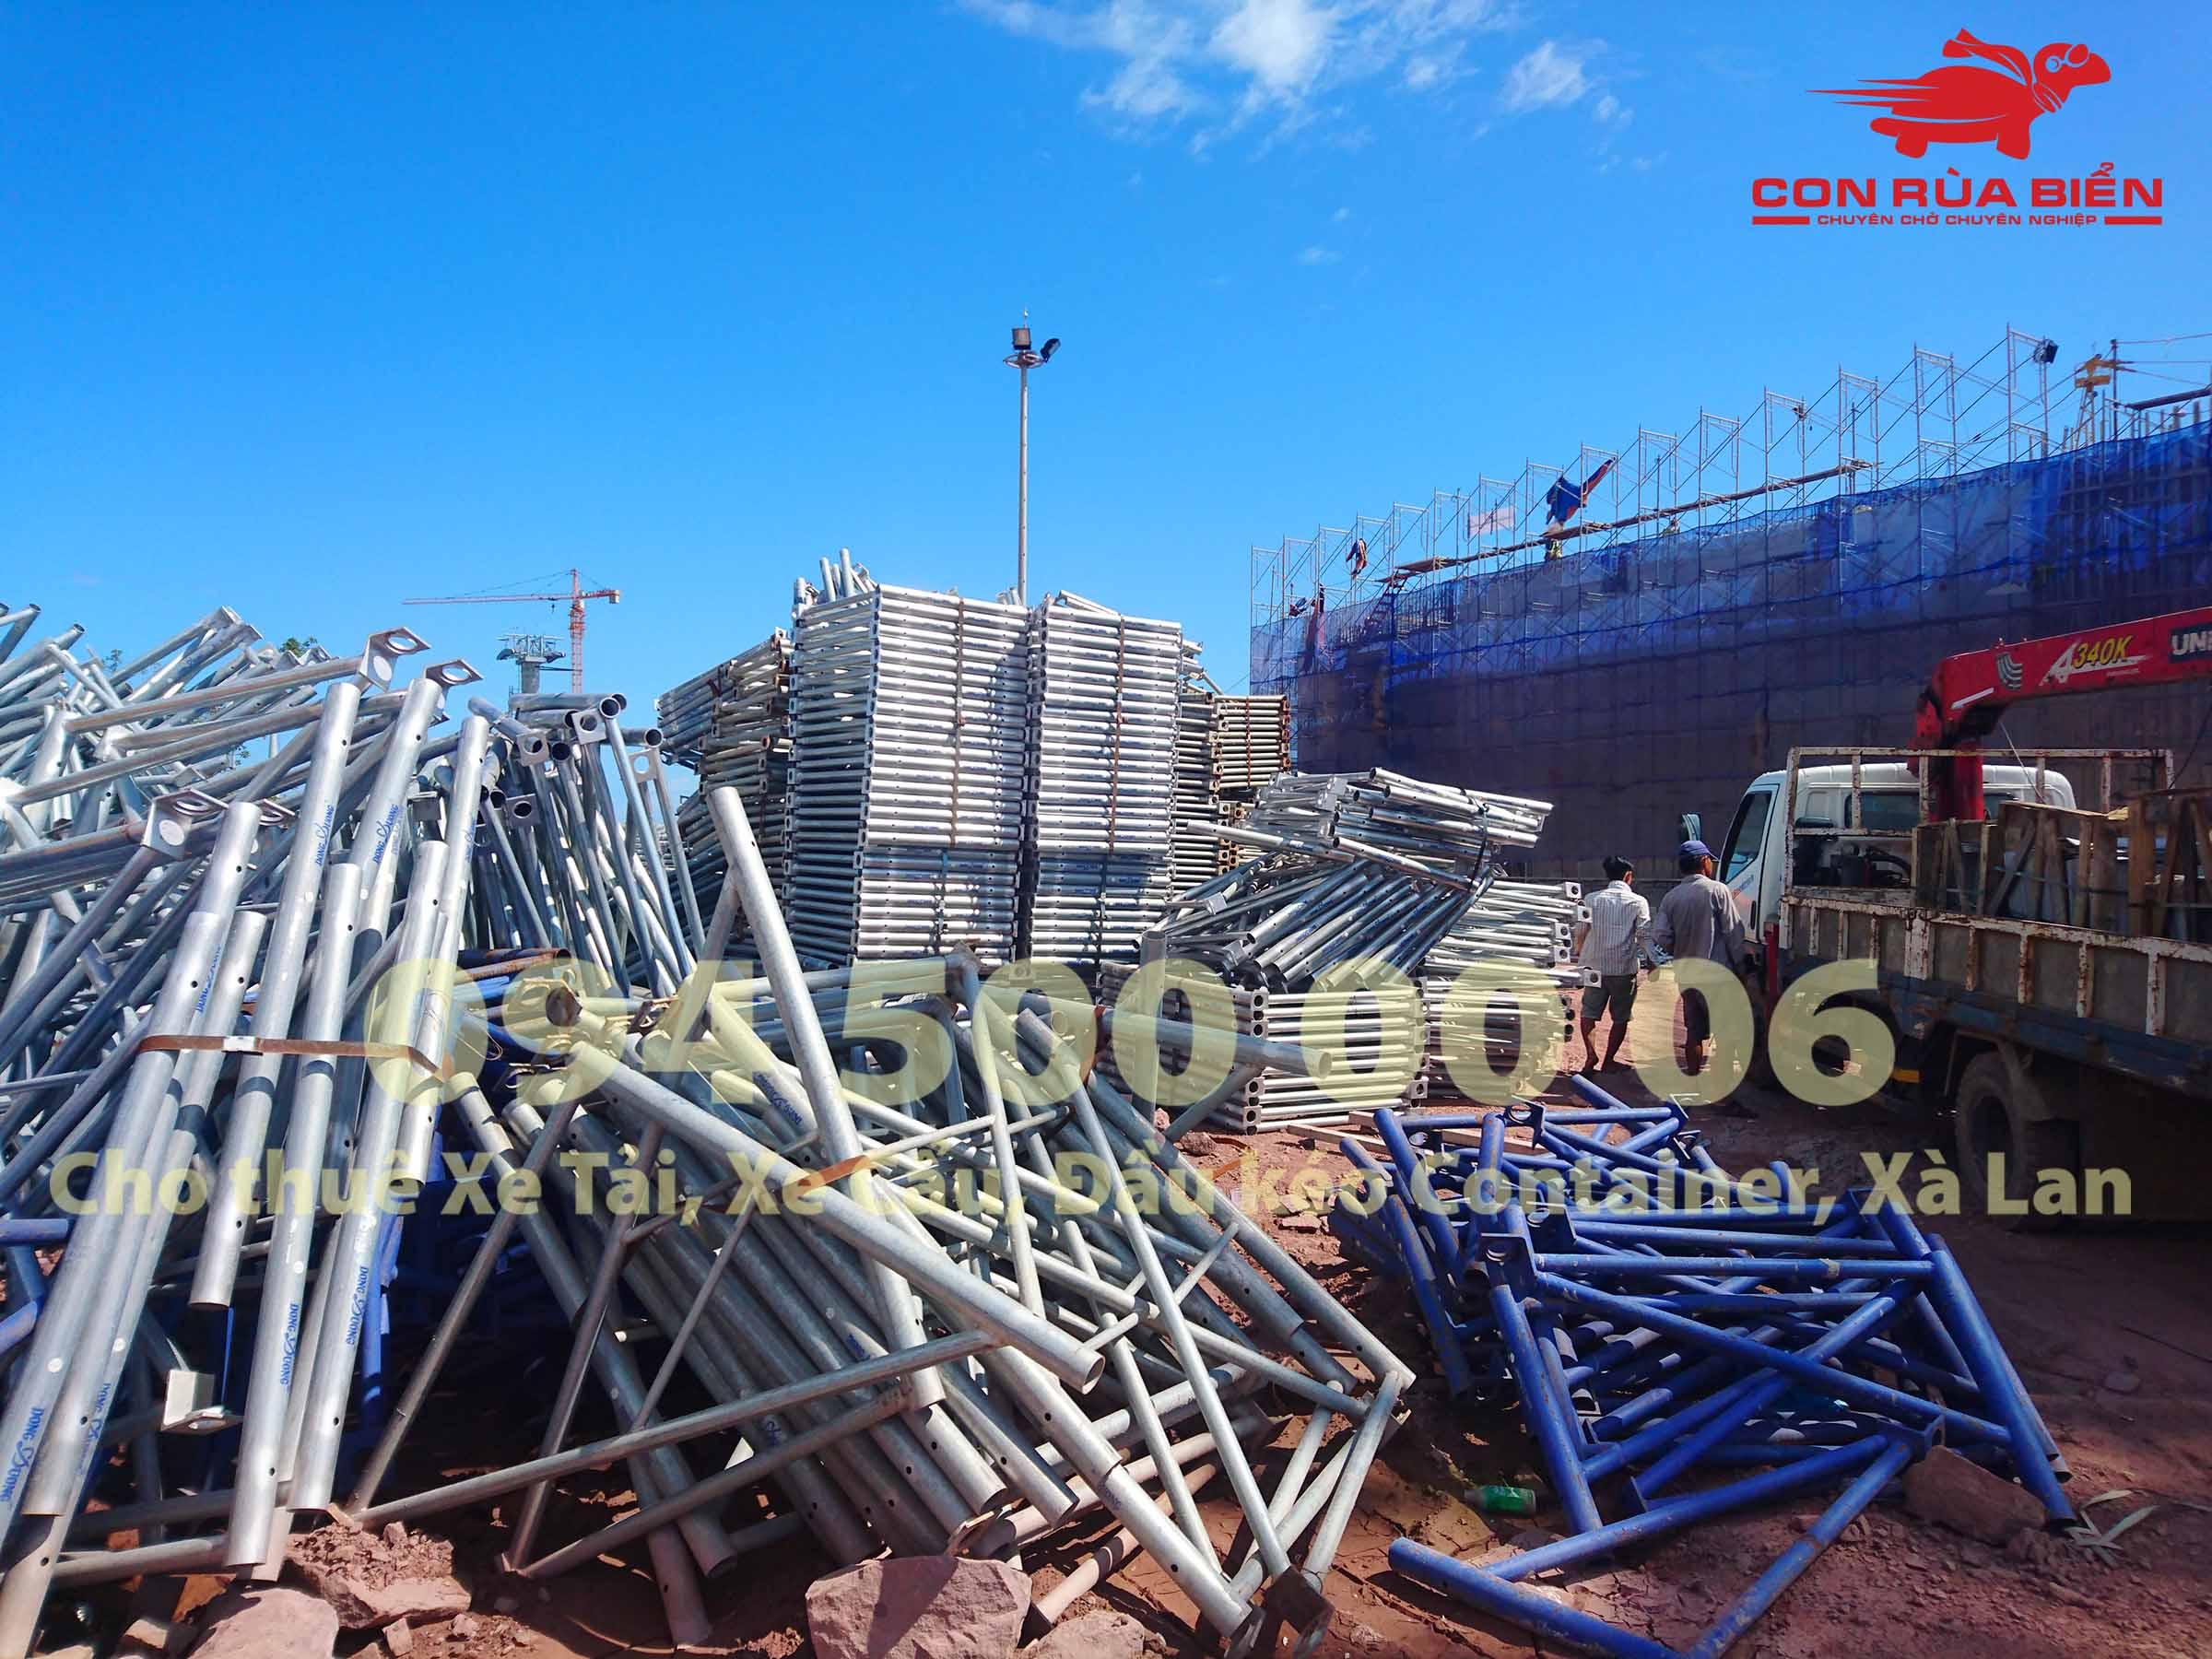 (Ảnh: Dự án vận chuyển Giàn Giáo công trình đi Phú Quốc - Chành xe Phú Quốc - Con Rùa Biển; trong ảnh là cảnh xe cẩu nhỏ đang di chuyển giàn giáo tại công trình ở an thới Phú Quốc)